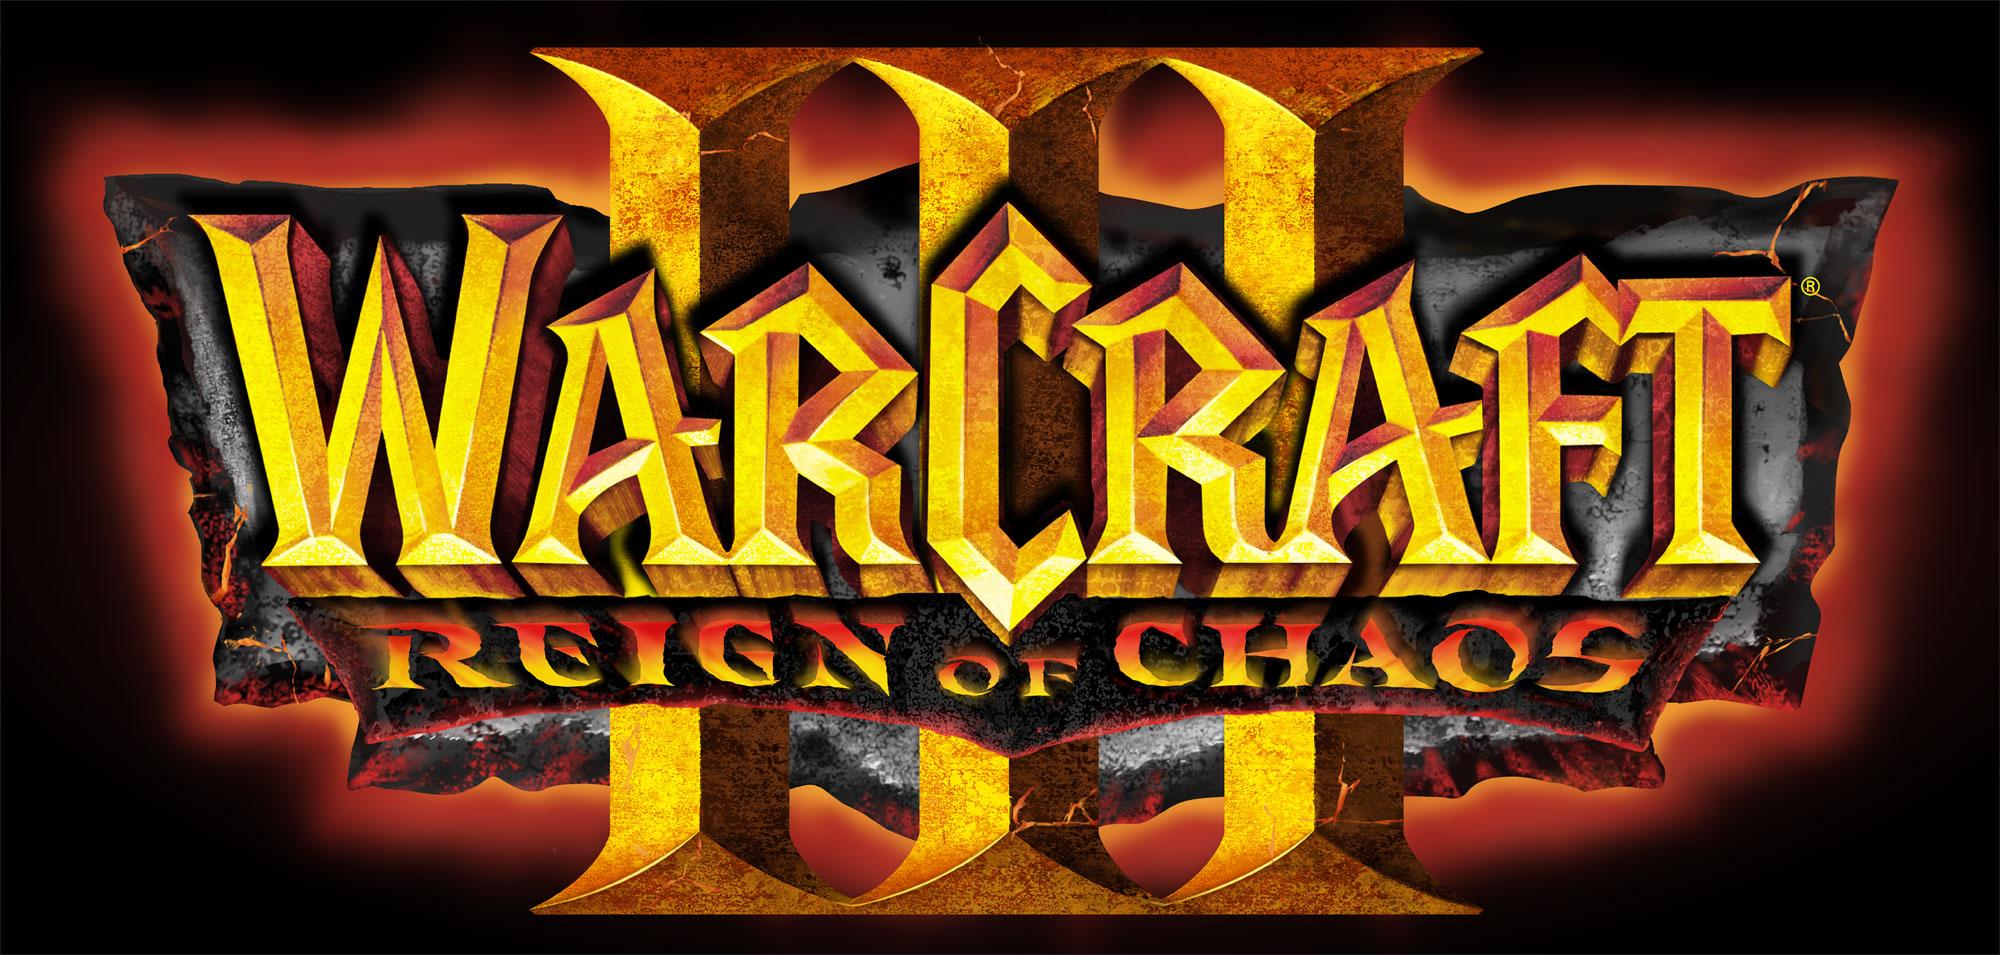 Logo de Warcraft III: Reign of Chaos.